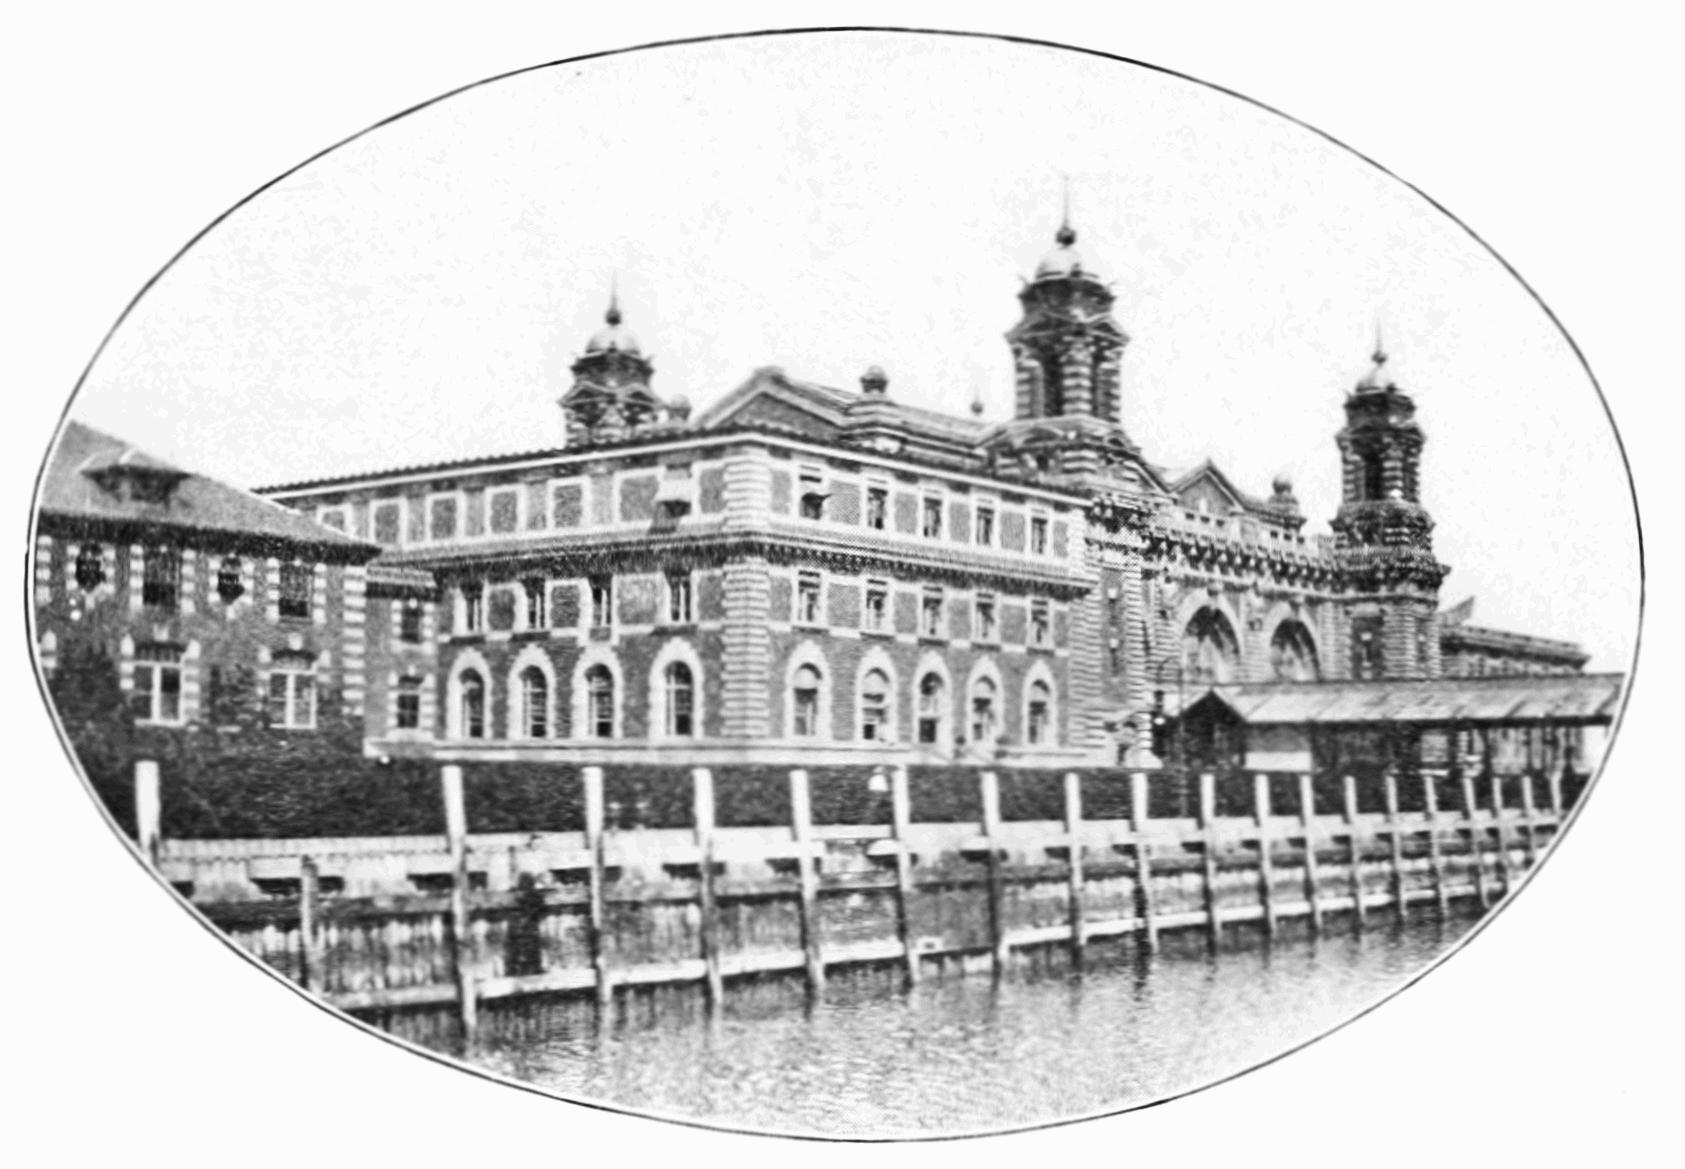 Health Officers Ellis Island